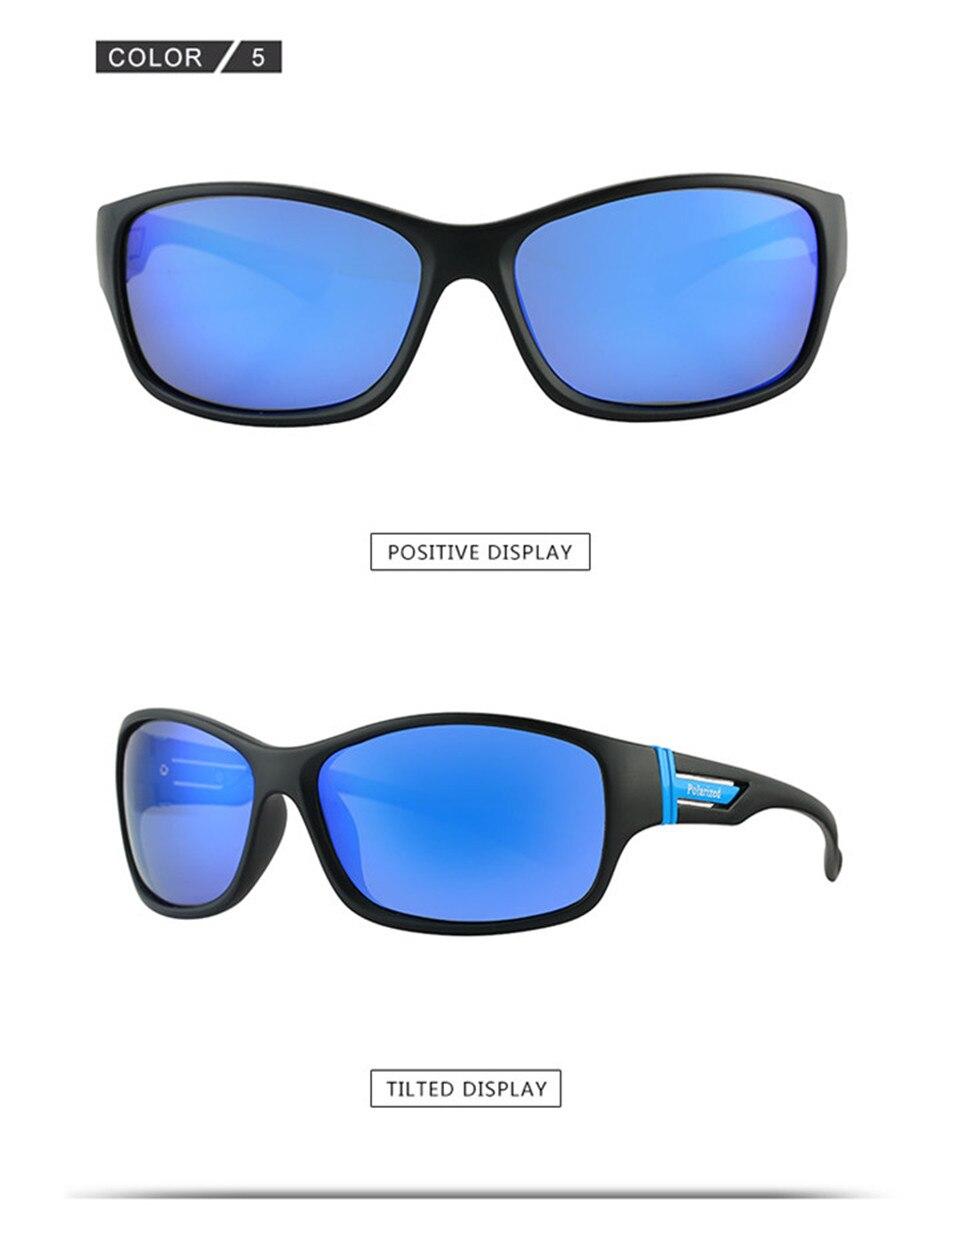 RILIXES 2018 Fashion Guy\'s Sun Glasses From Kdeam Polarized Sunglasses Men Classic Design All-Fit Mirror Sunglass (11)